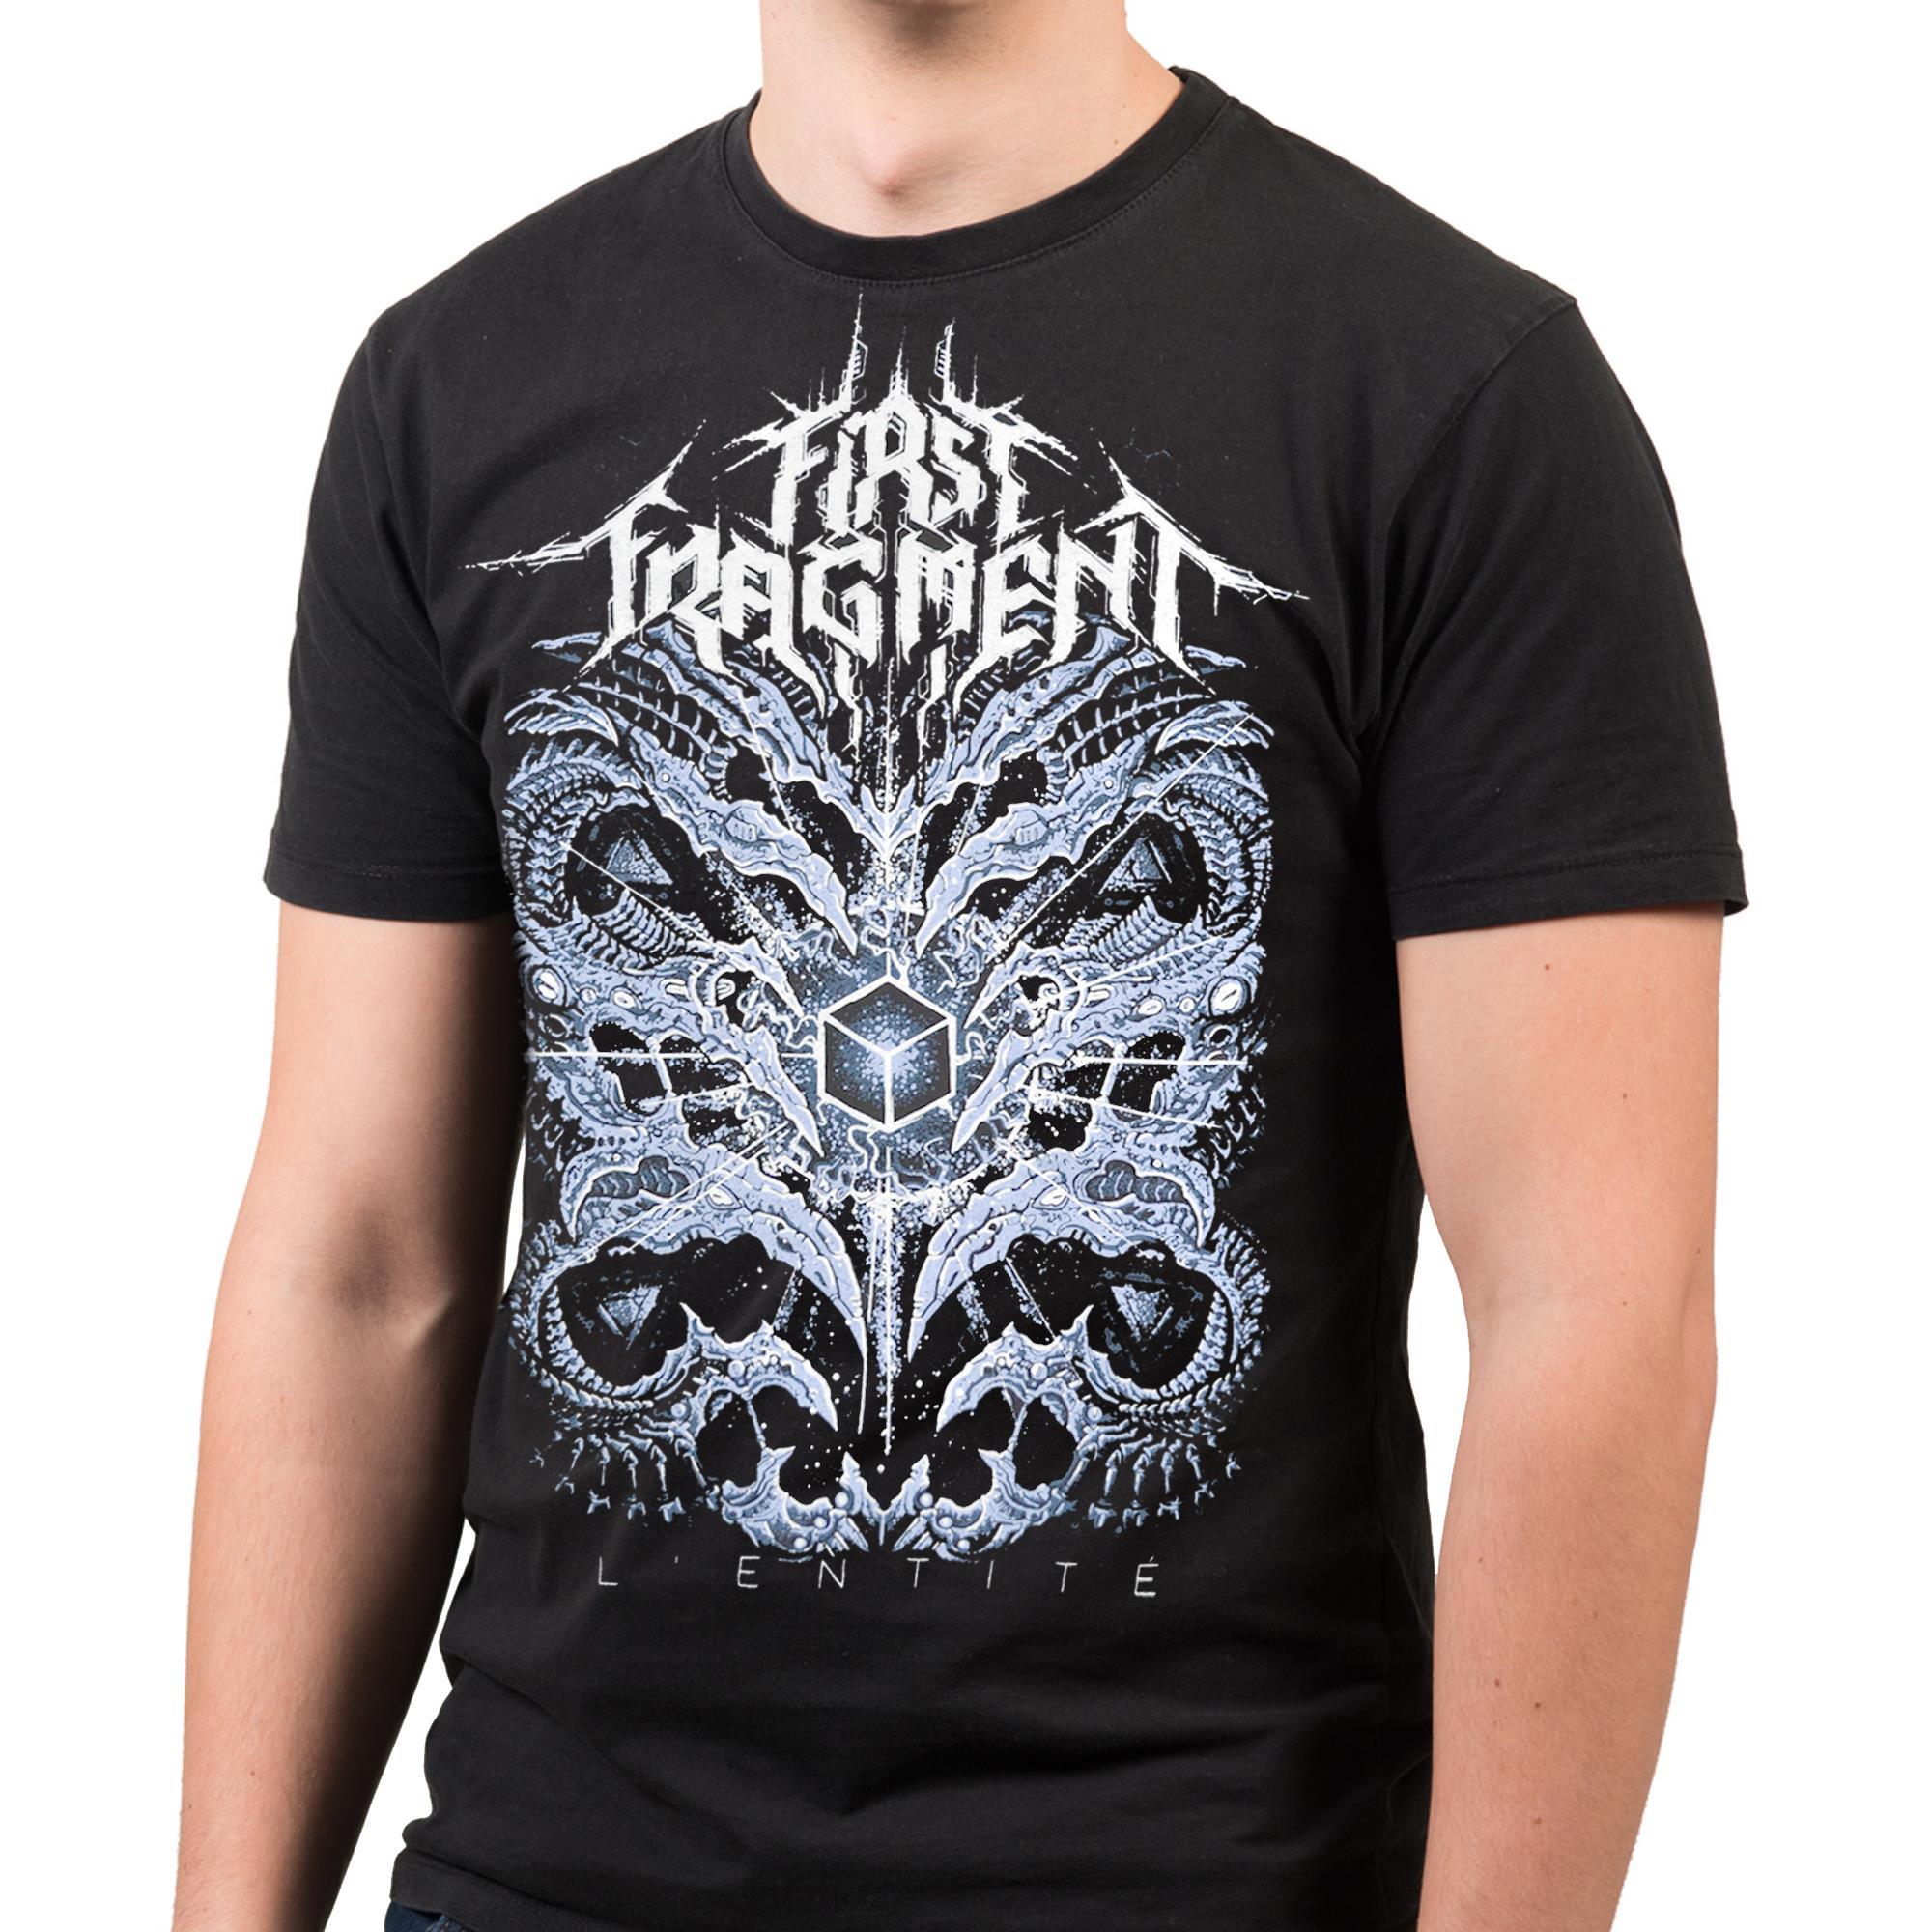 L'entité T-Shirt